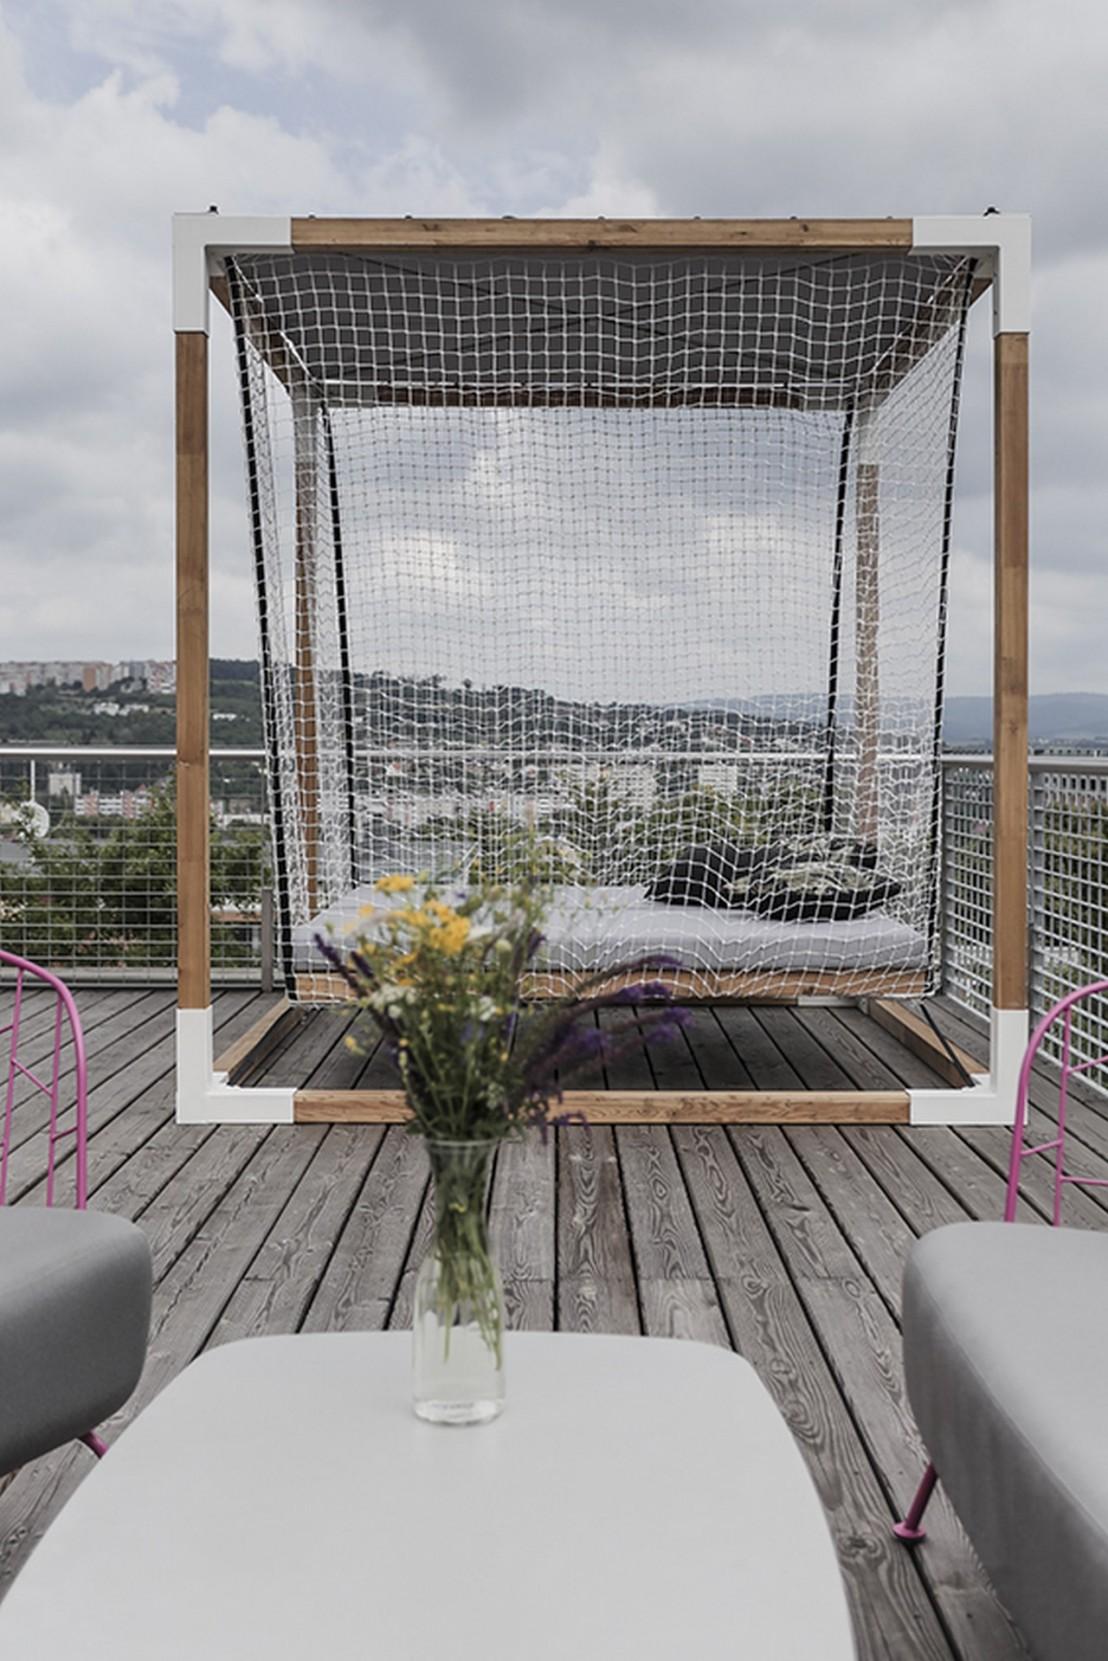 Lit Exterieur Design lit de jardin hamac suspendu en cage leva : mobilier de